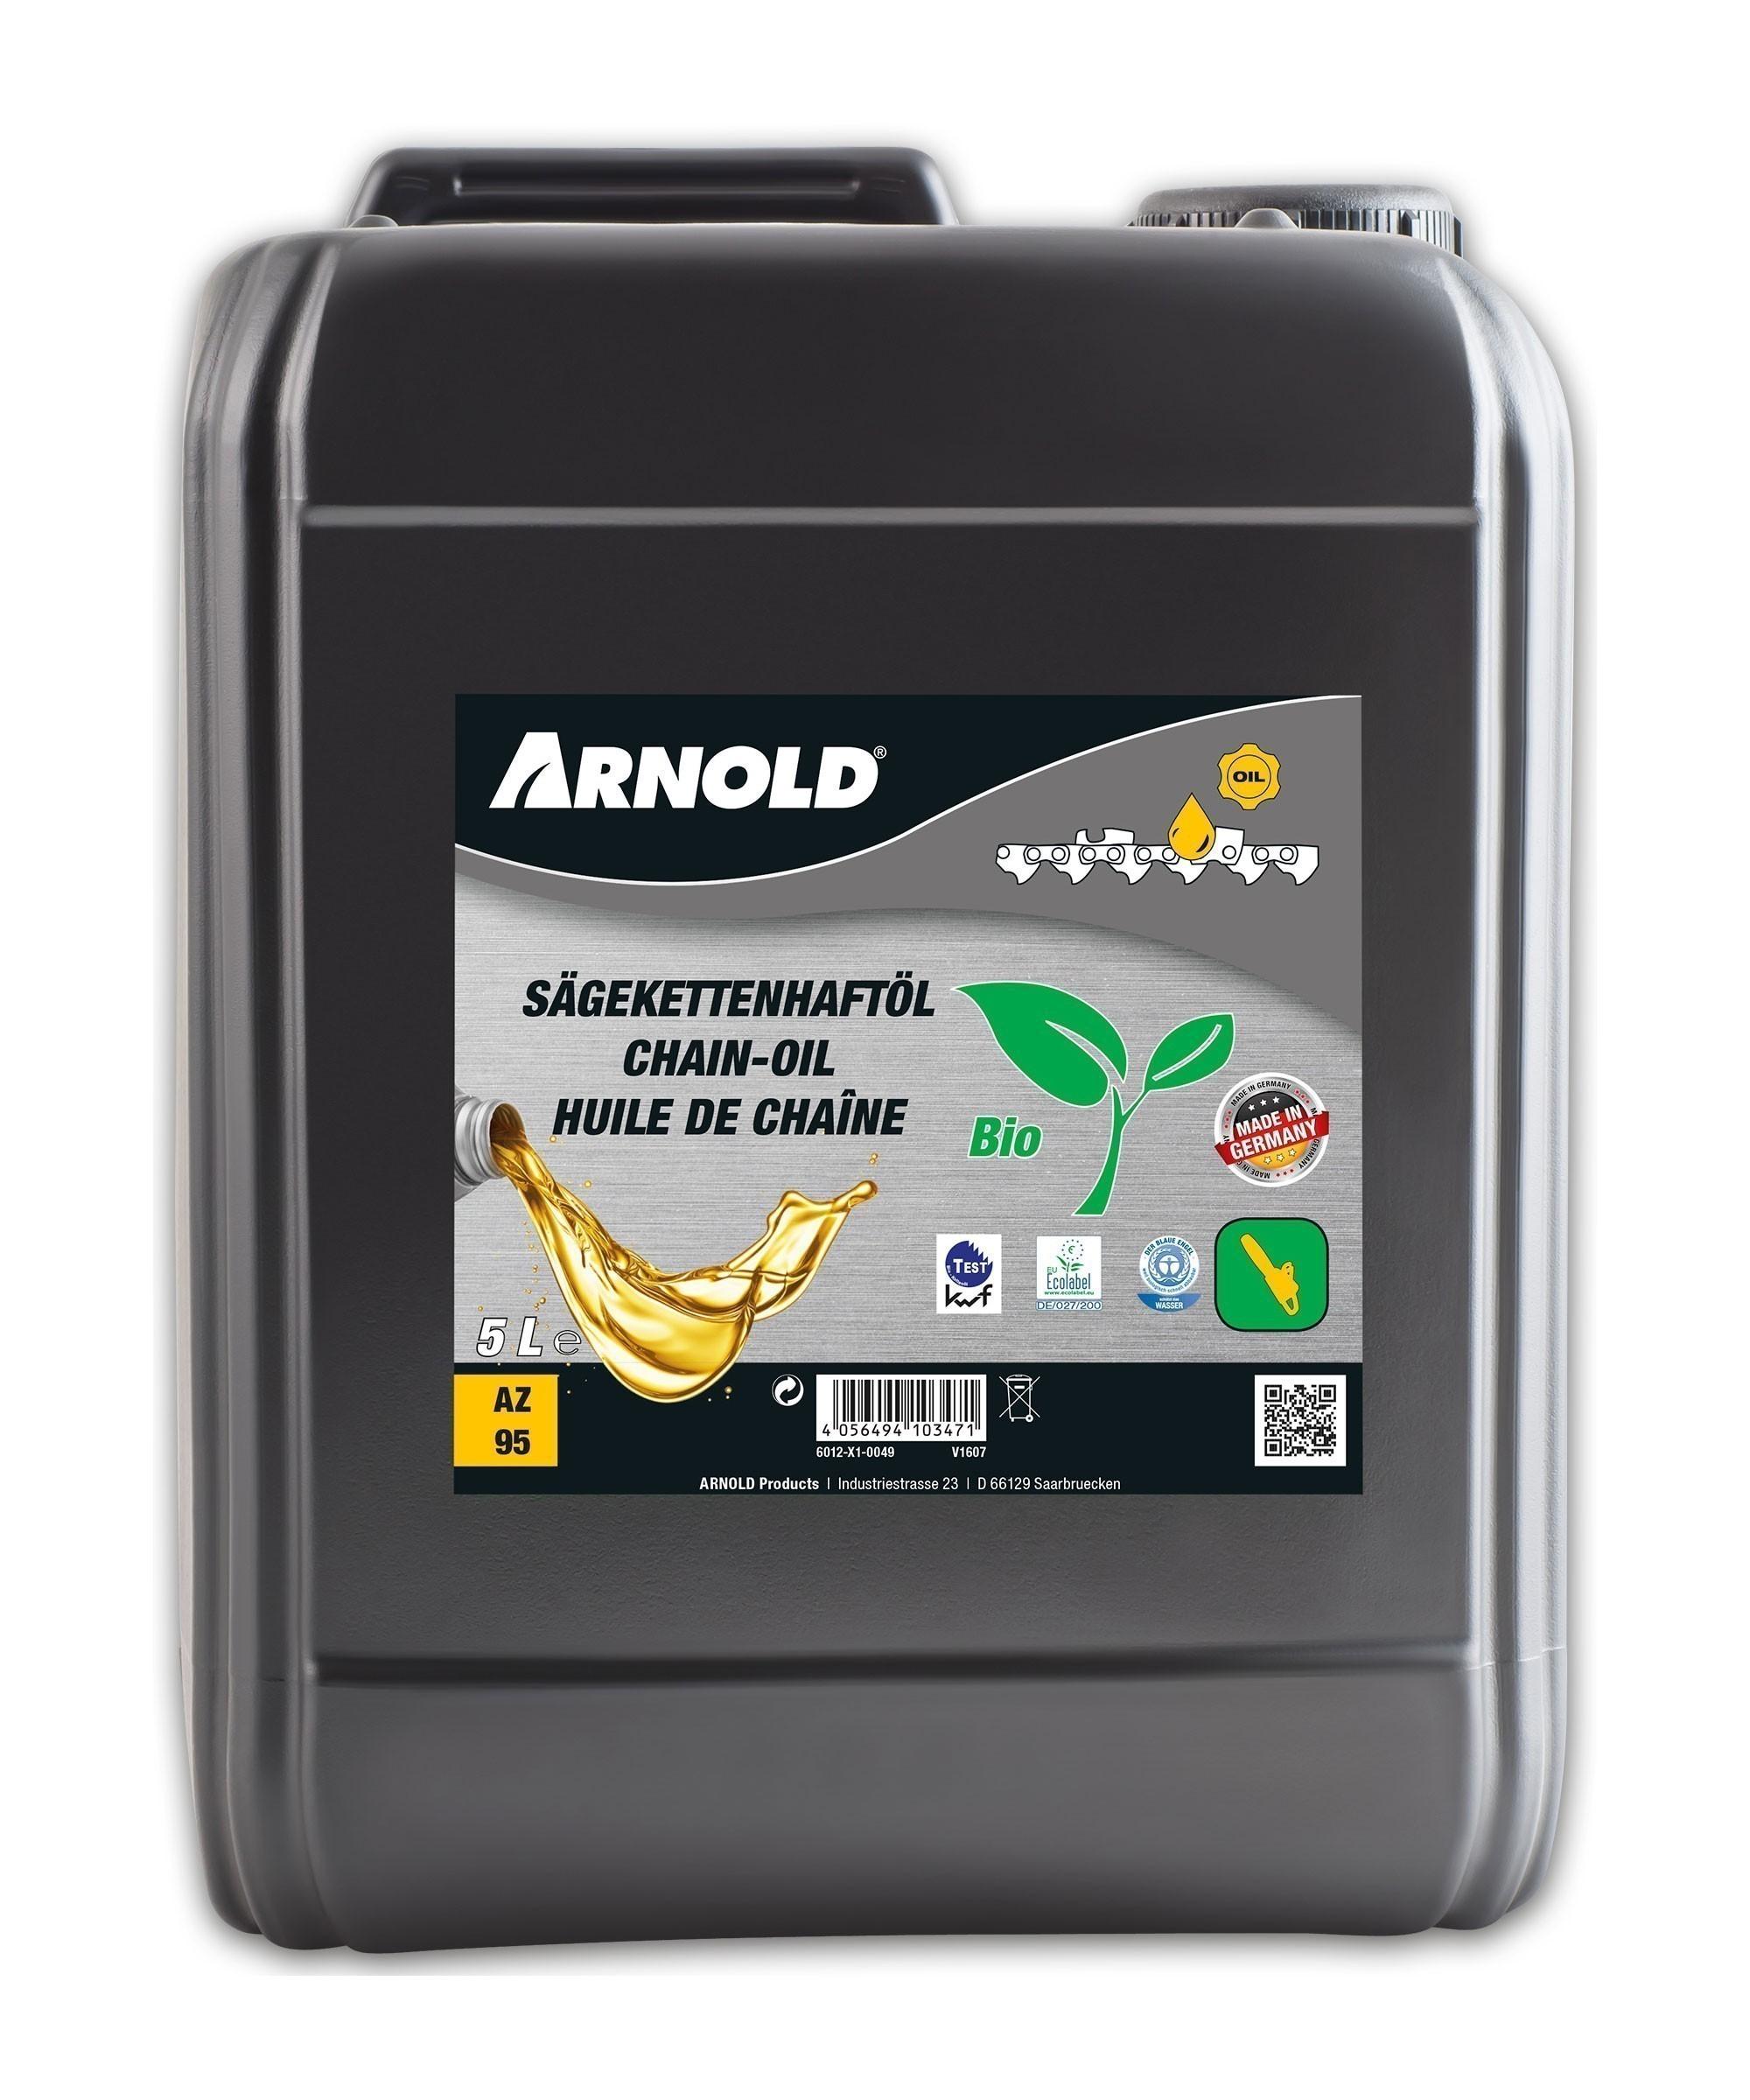 Arnold Bio-Sägekettenhaftöl Typ R-5 Inhalt 5 Liter Bild 1